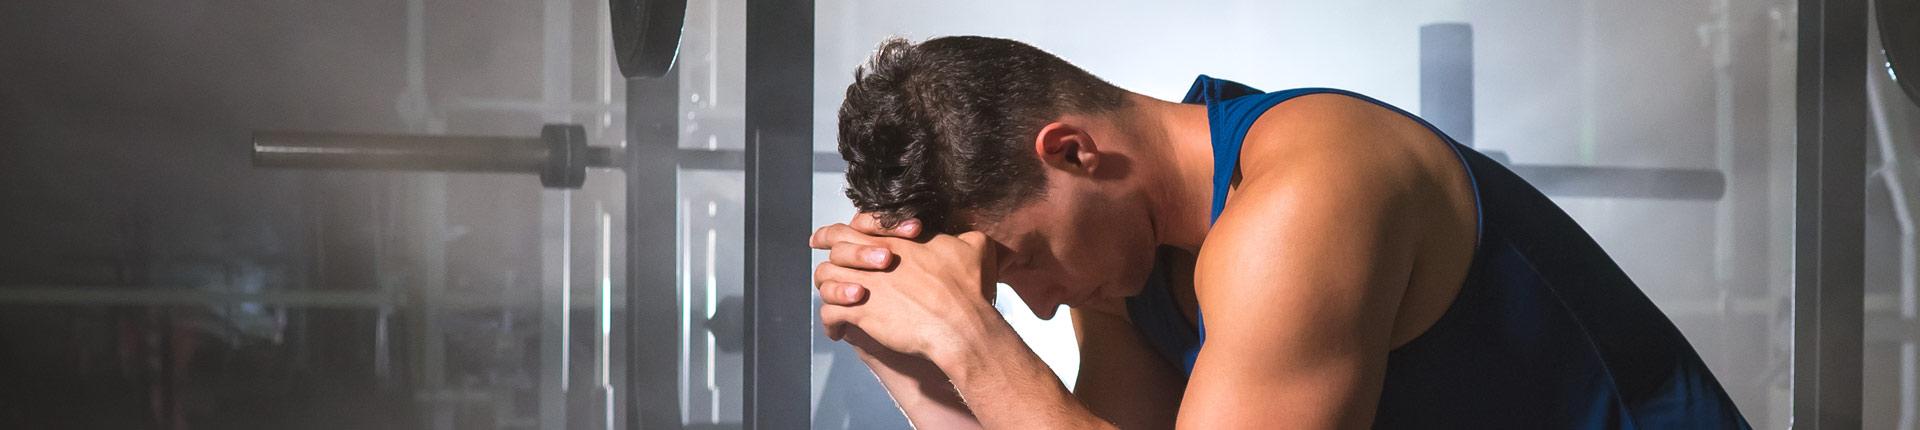 Jaką rolę w regeneracji odgrywa stres?